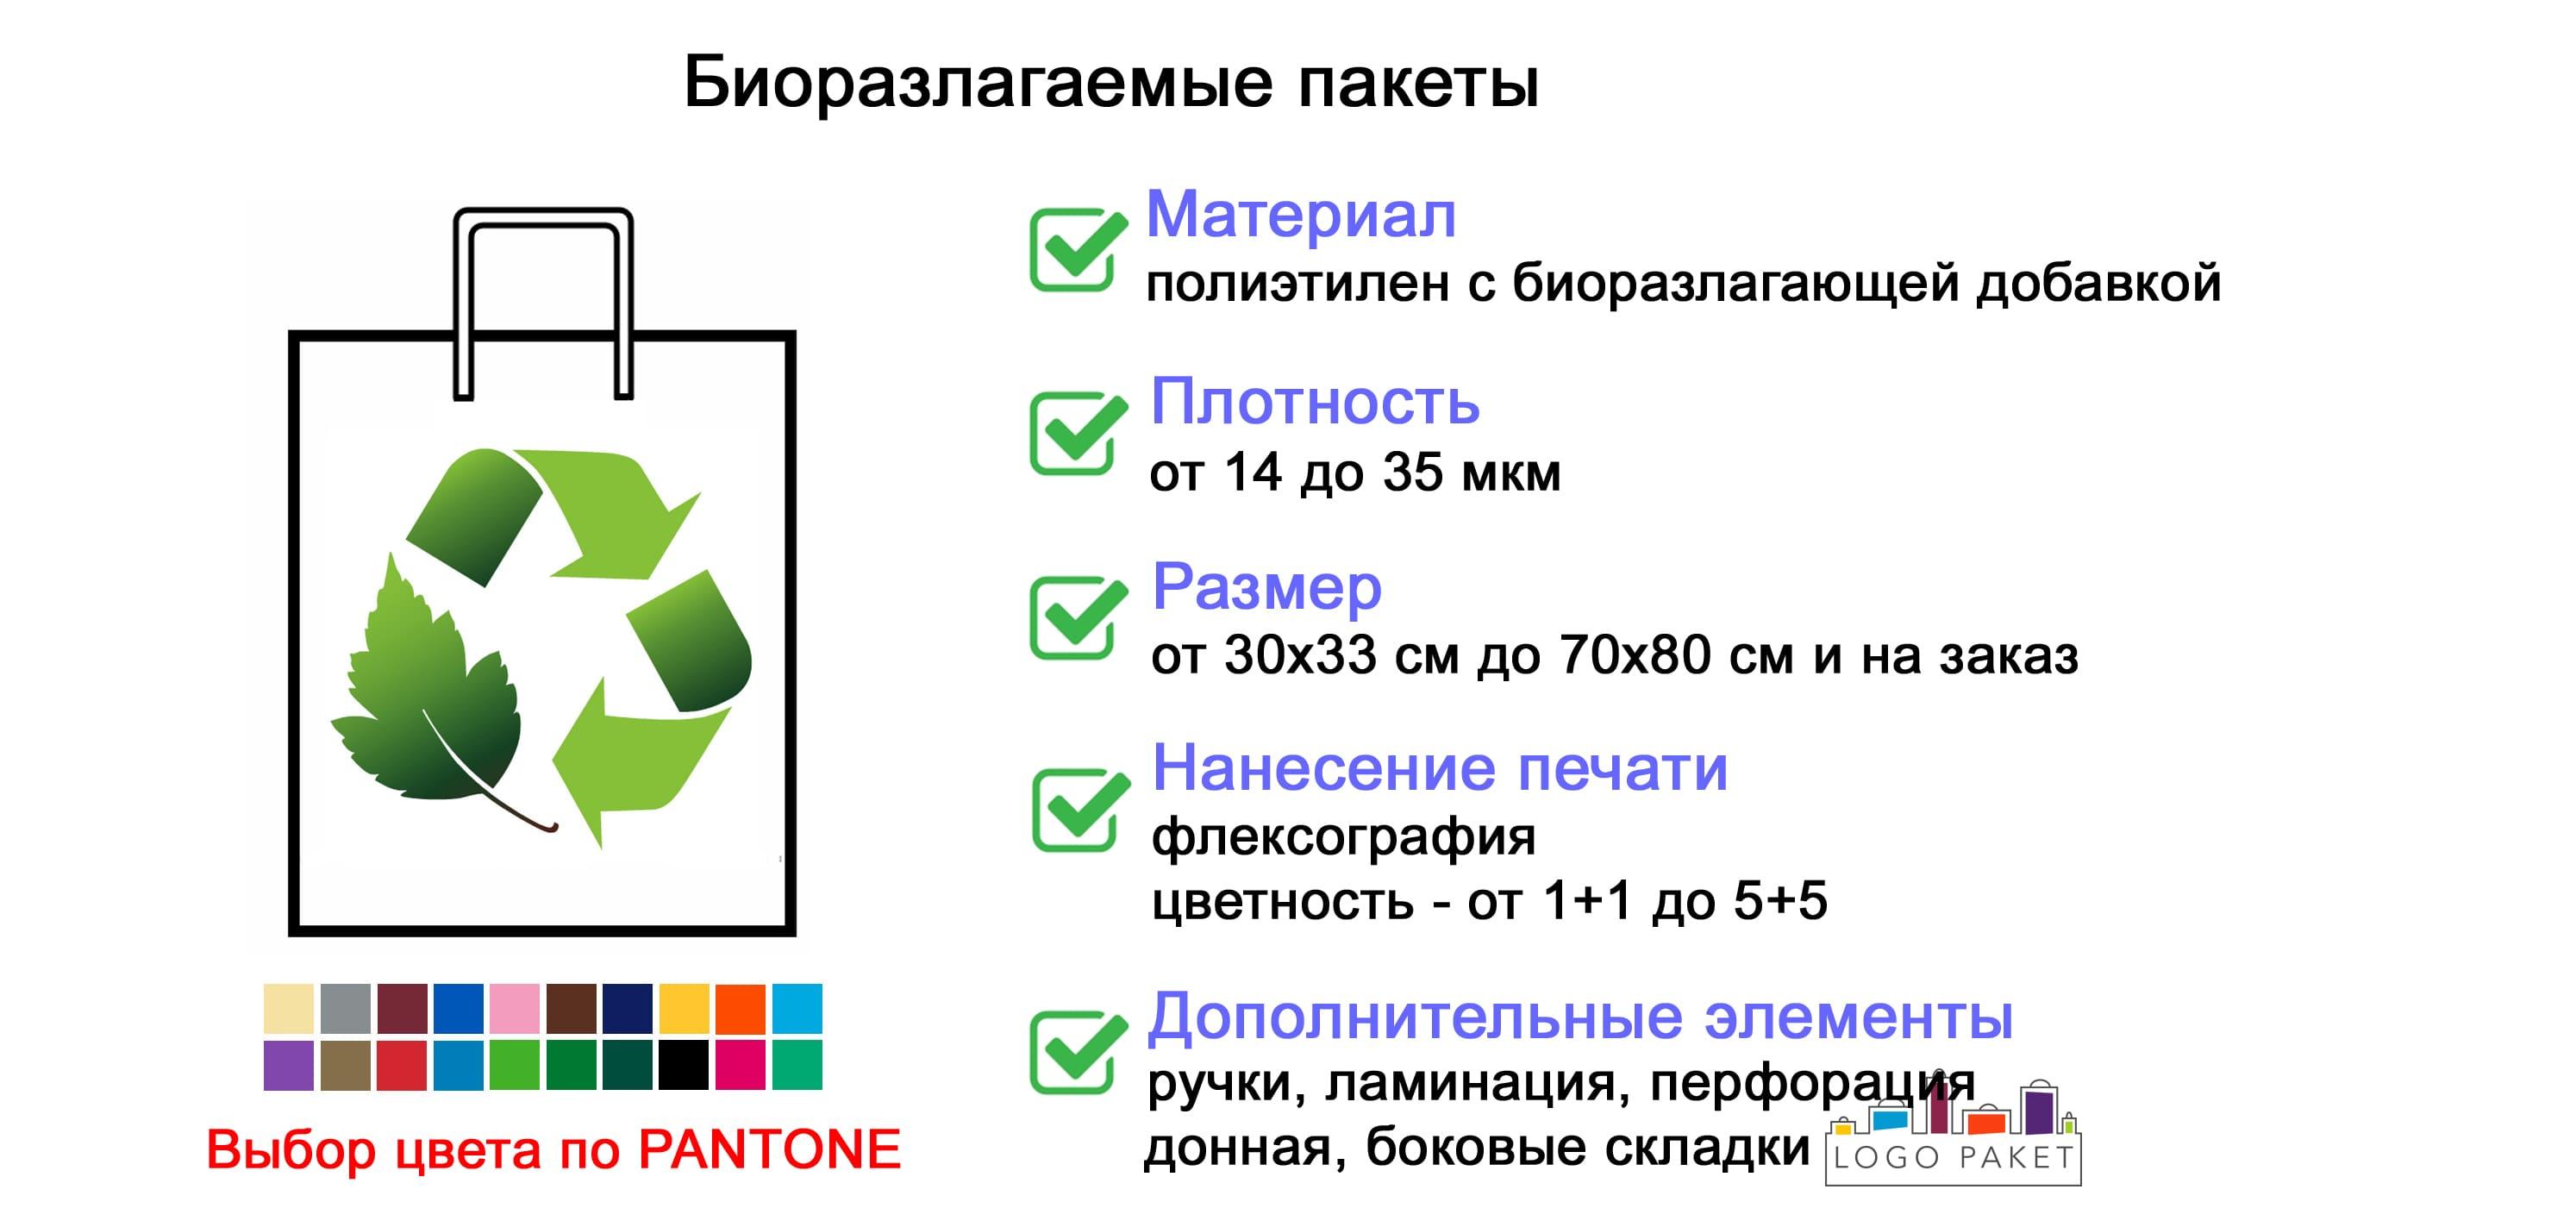 Биоразлагаемые пакеты инфографика